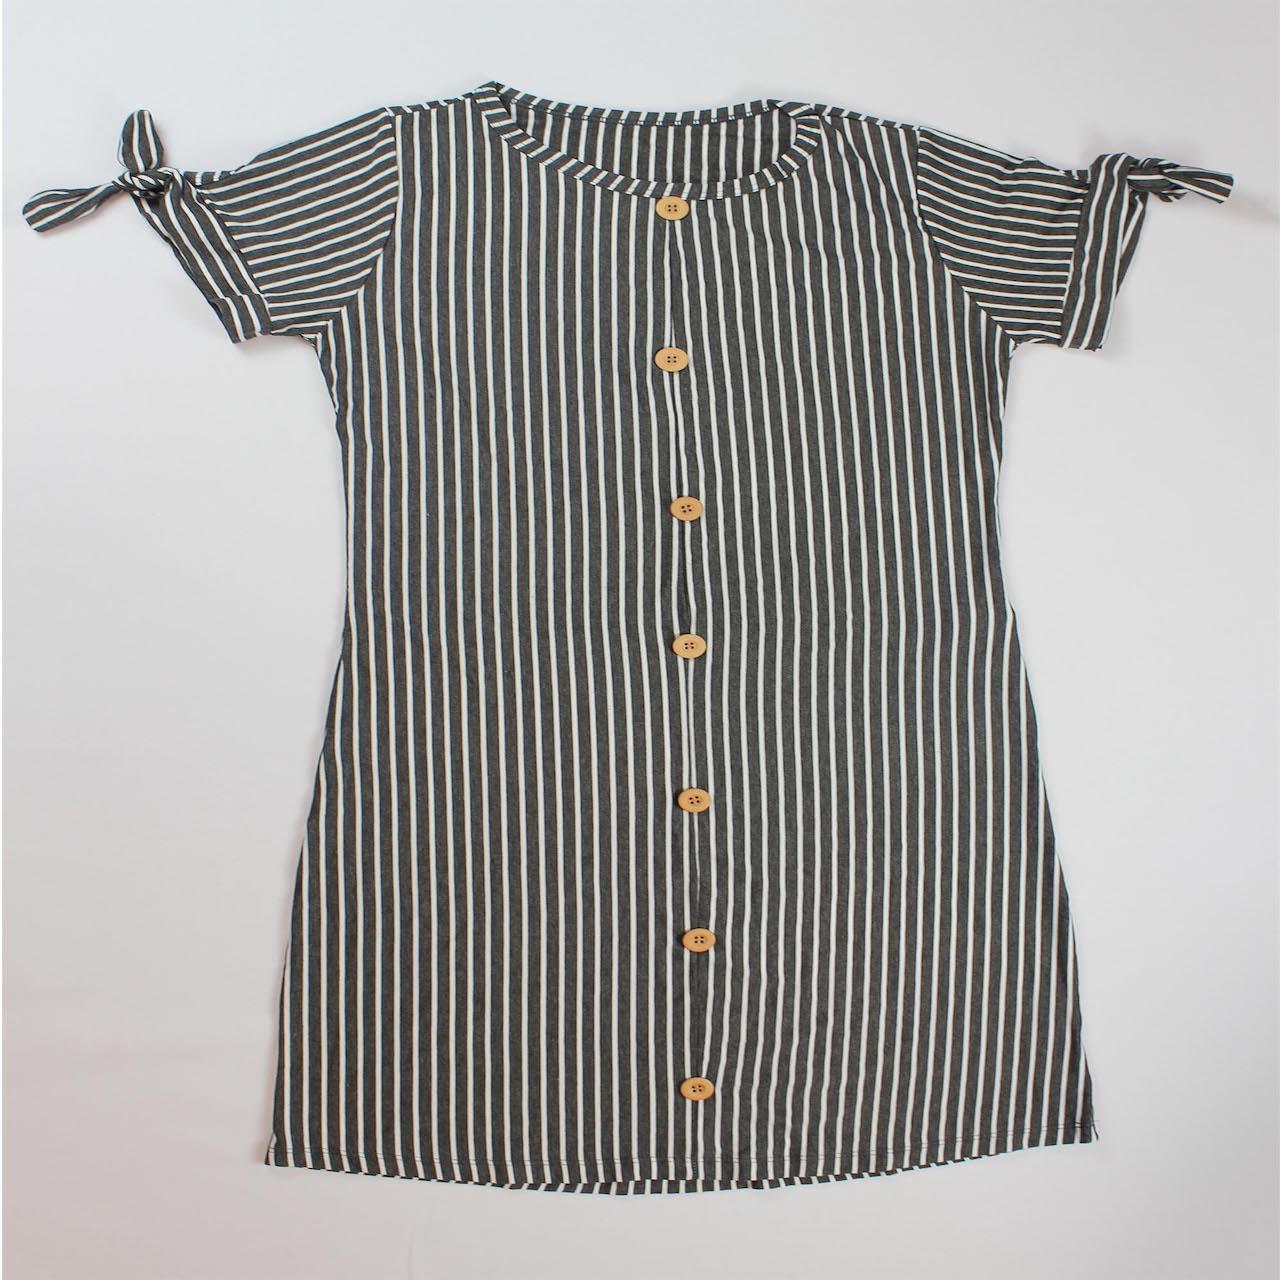 Vestido Curto Listrado com Laço na Manga Feminino - Cinza e Branco